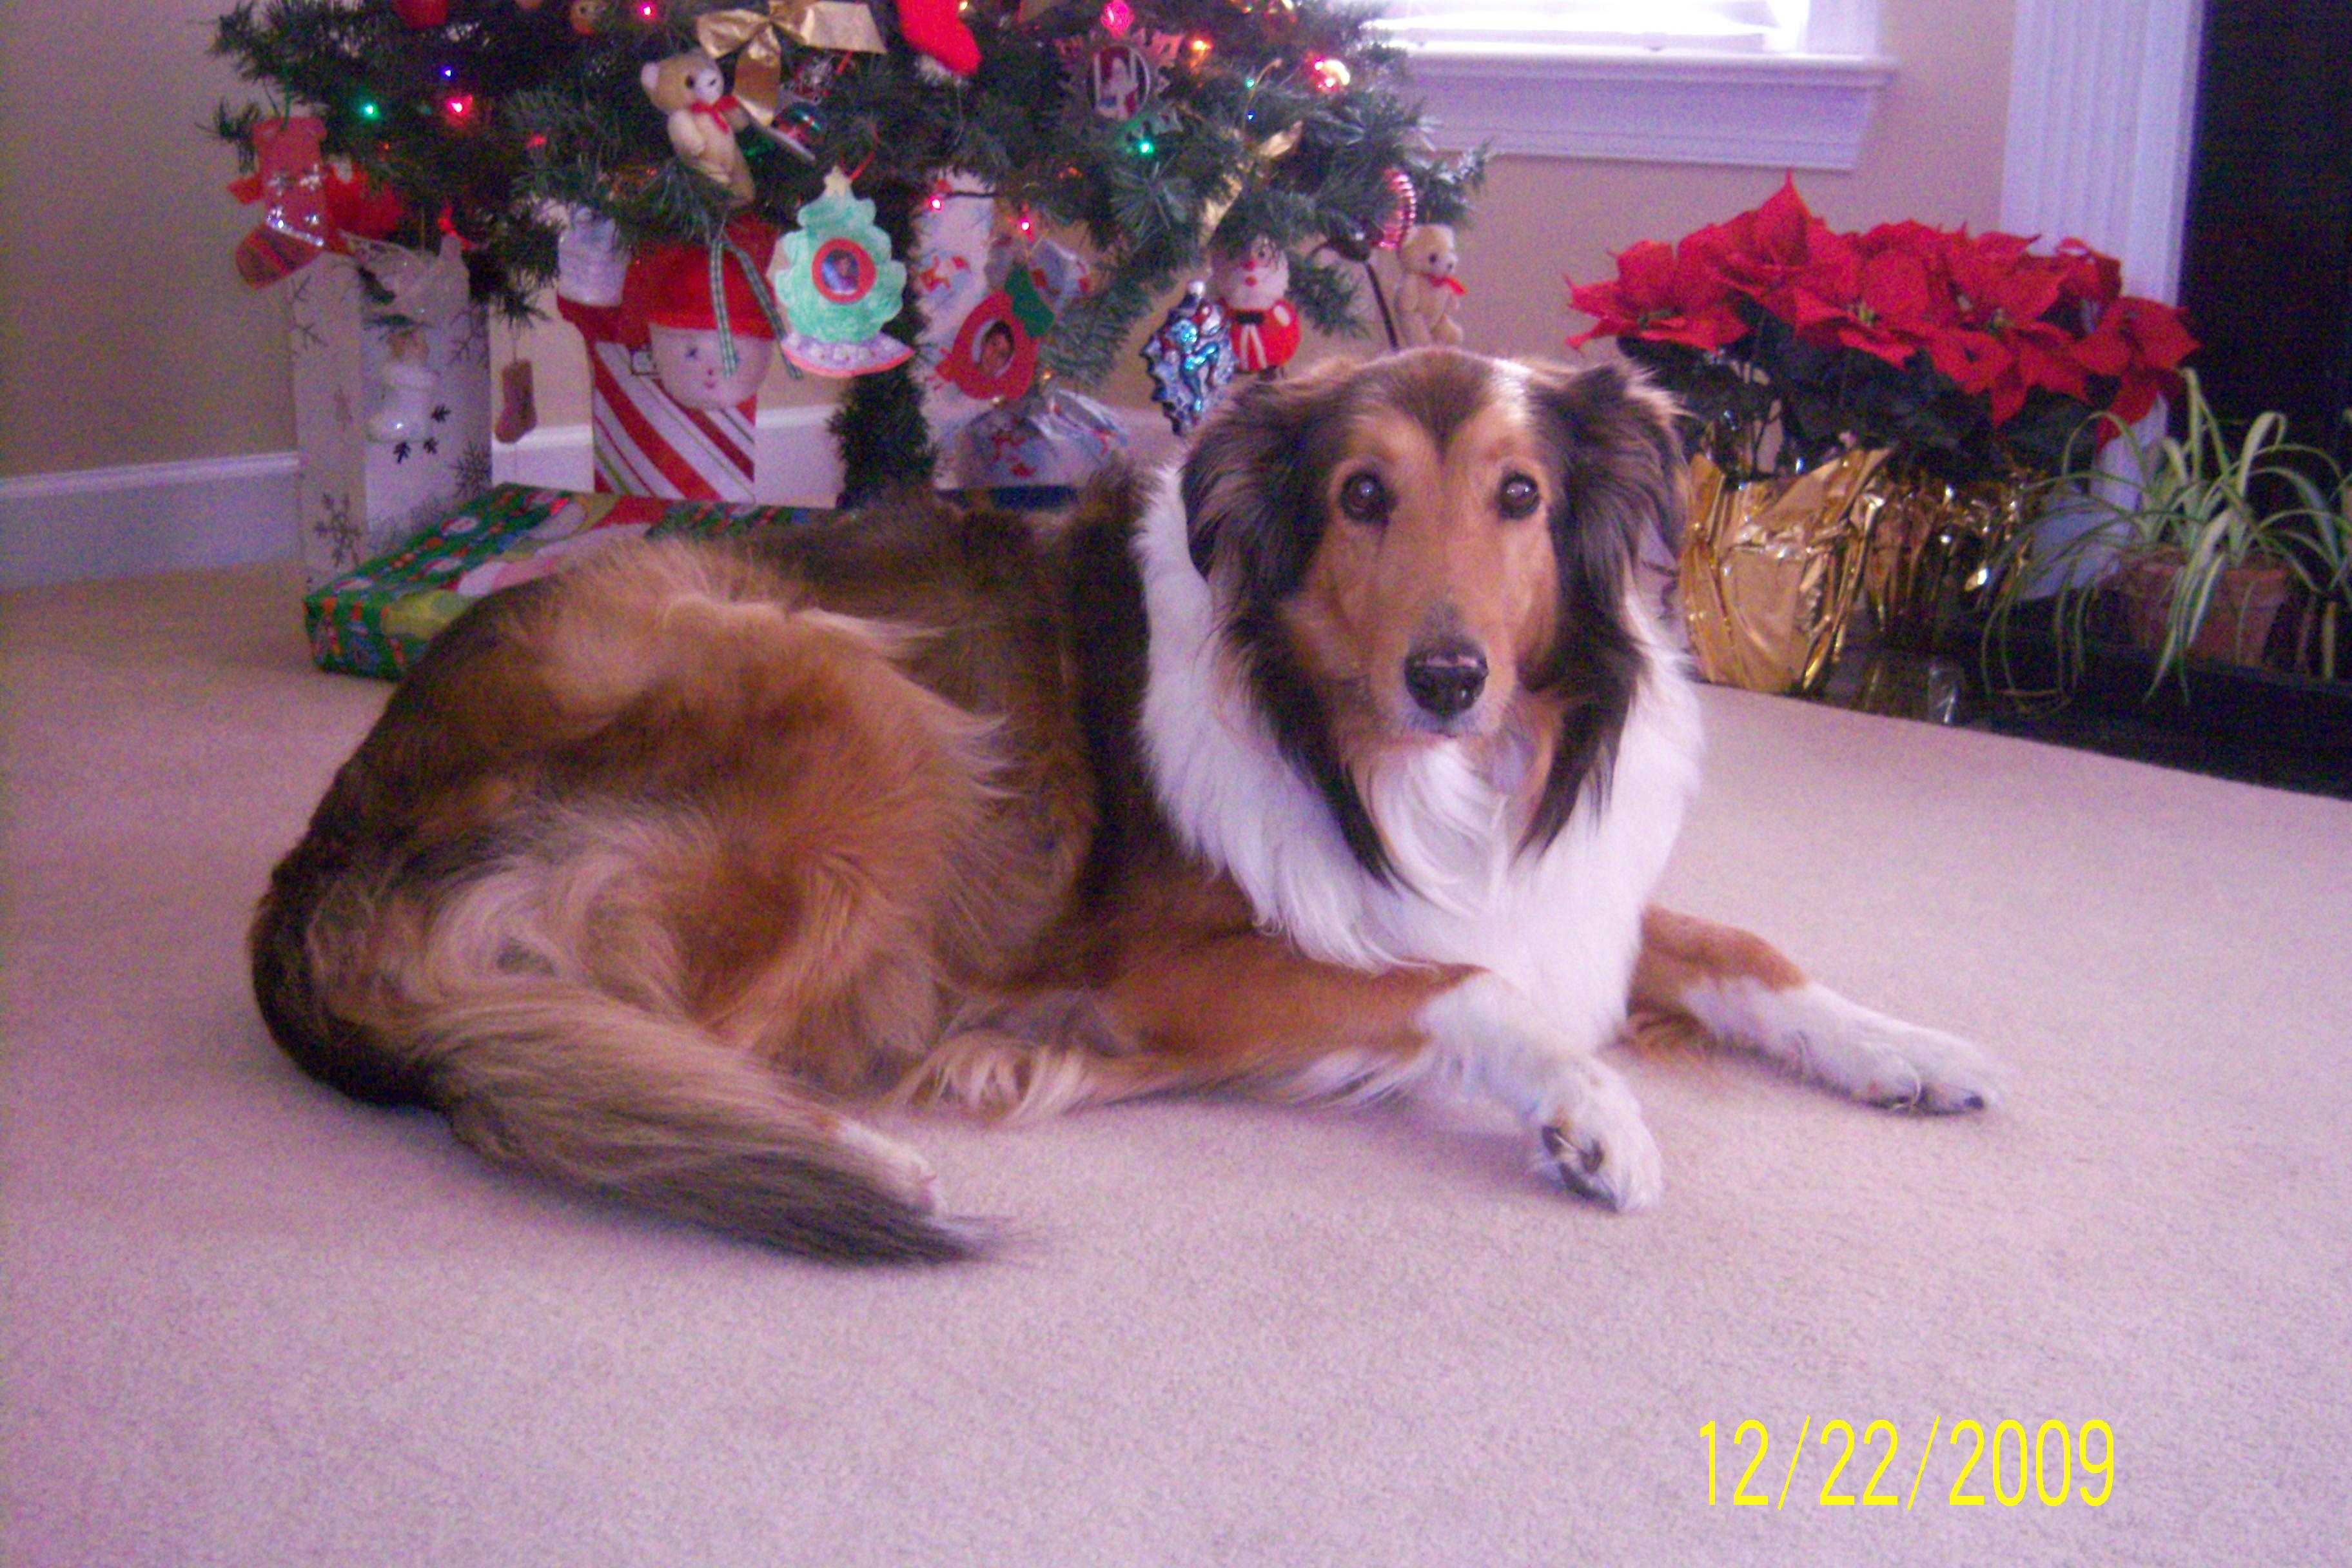 100_4212.jpg - Christmas Dog